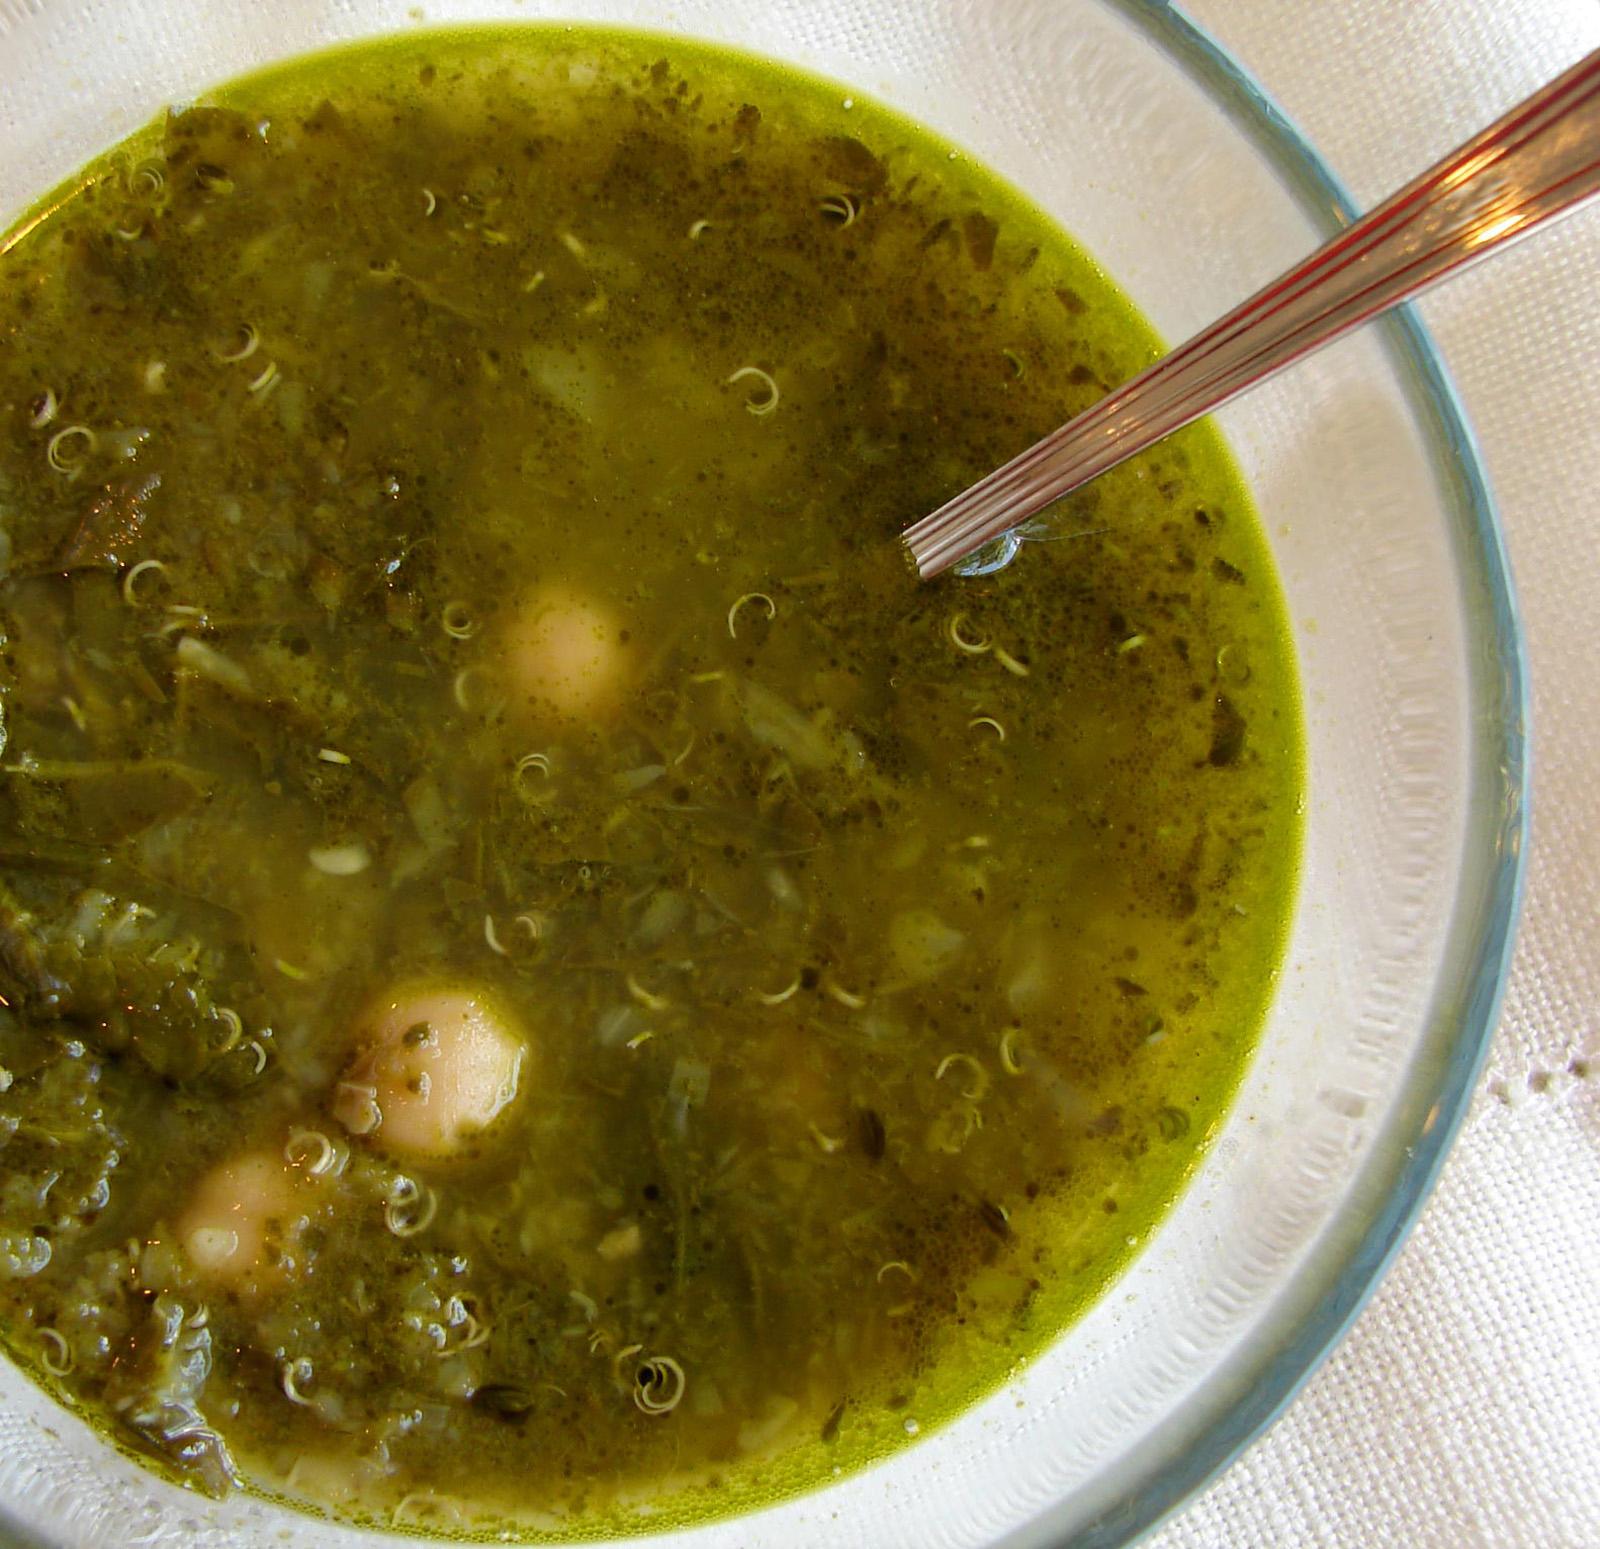 Spinach And Garbanzo Soup Recipes — Dishmaps